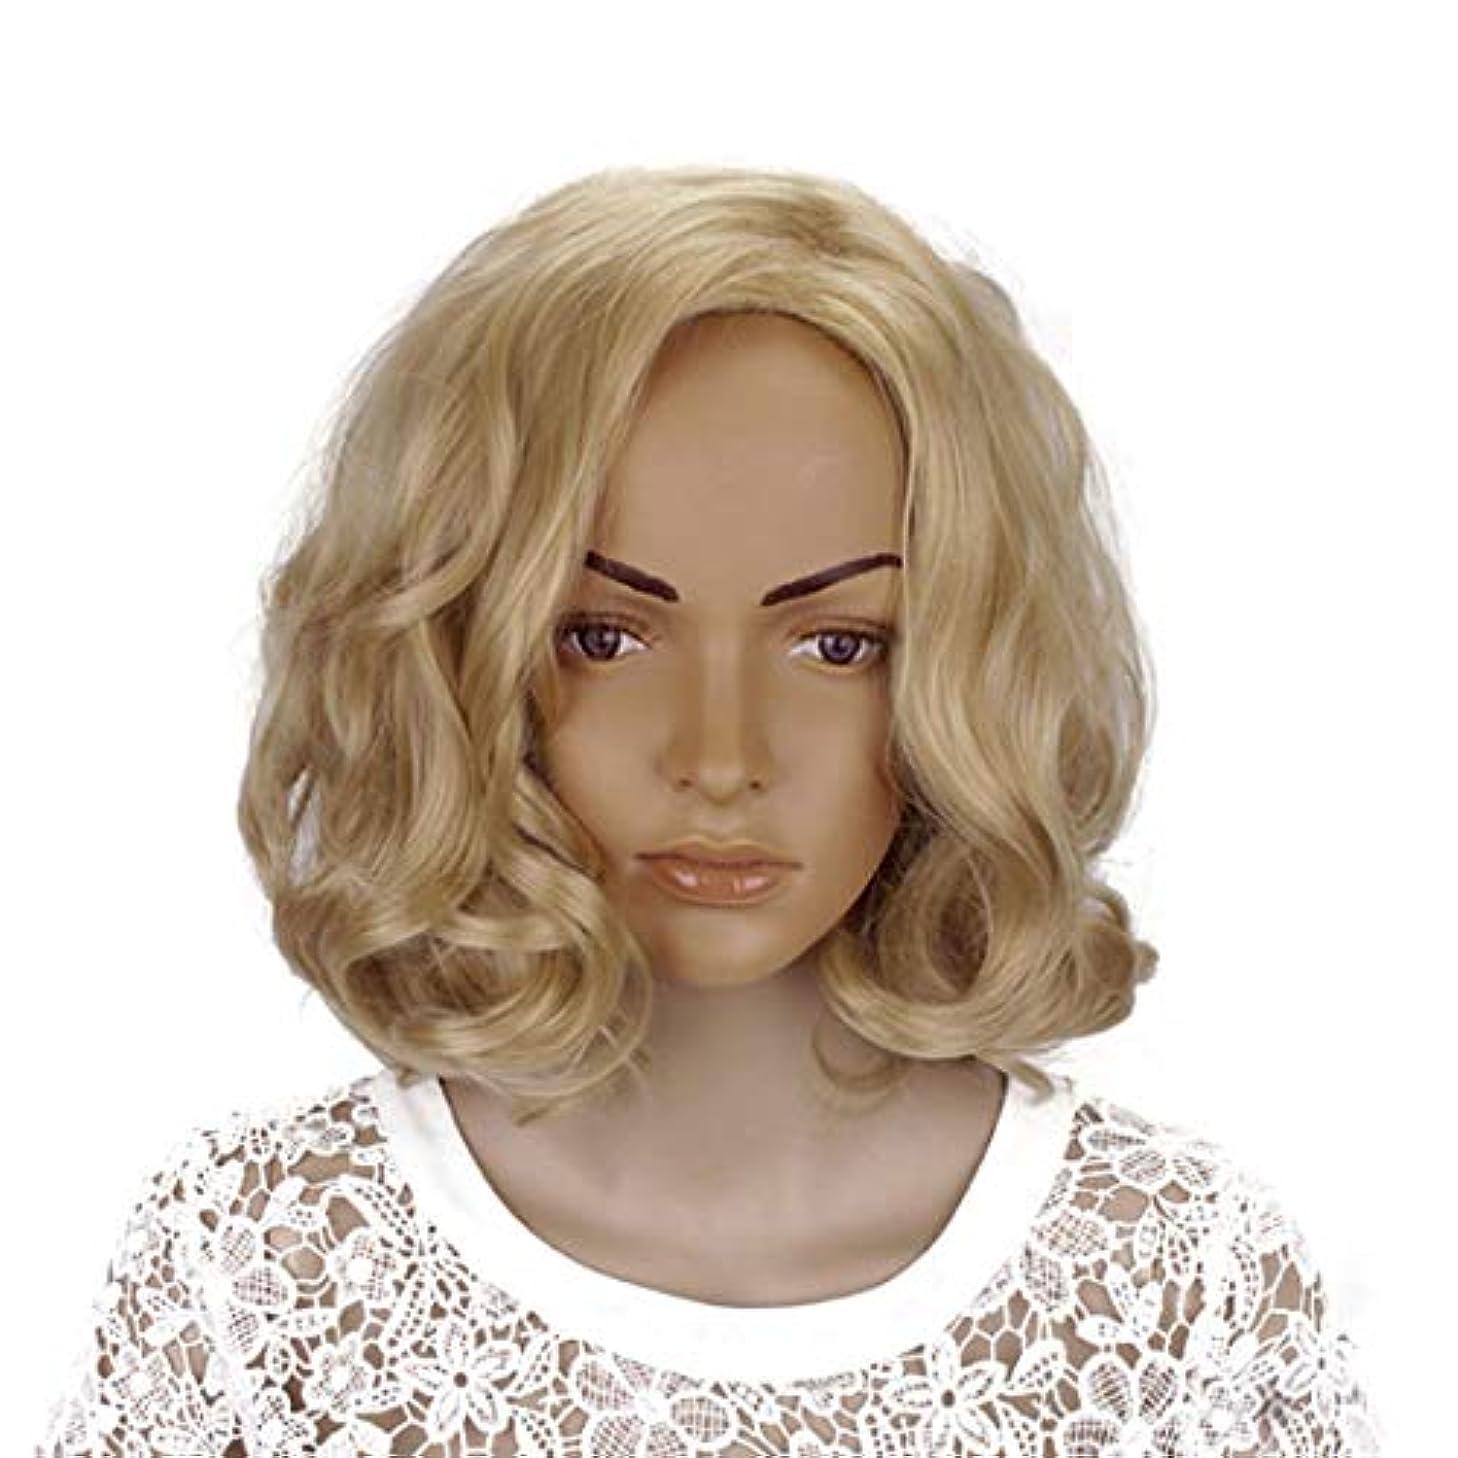 鉛筆静的服を着るYOUQIU 女性のかつらのための傾斜部前髪コスプレ衣装デイリーパーティーウィッグブロンド14インチ女性ボボカーリーの合成 (色 : Blonde, サイズ : 14